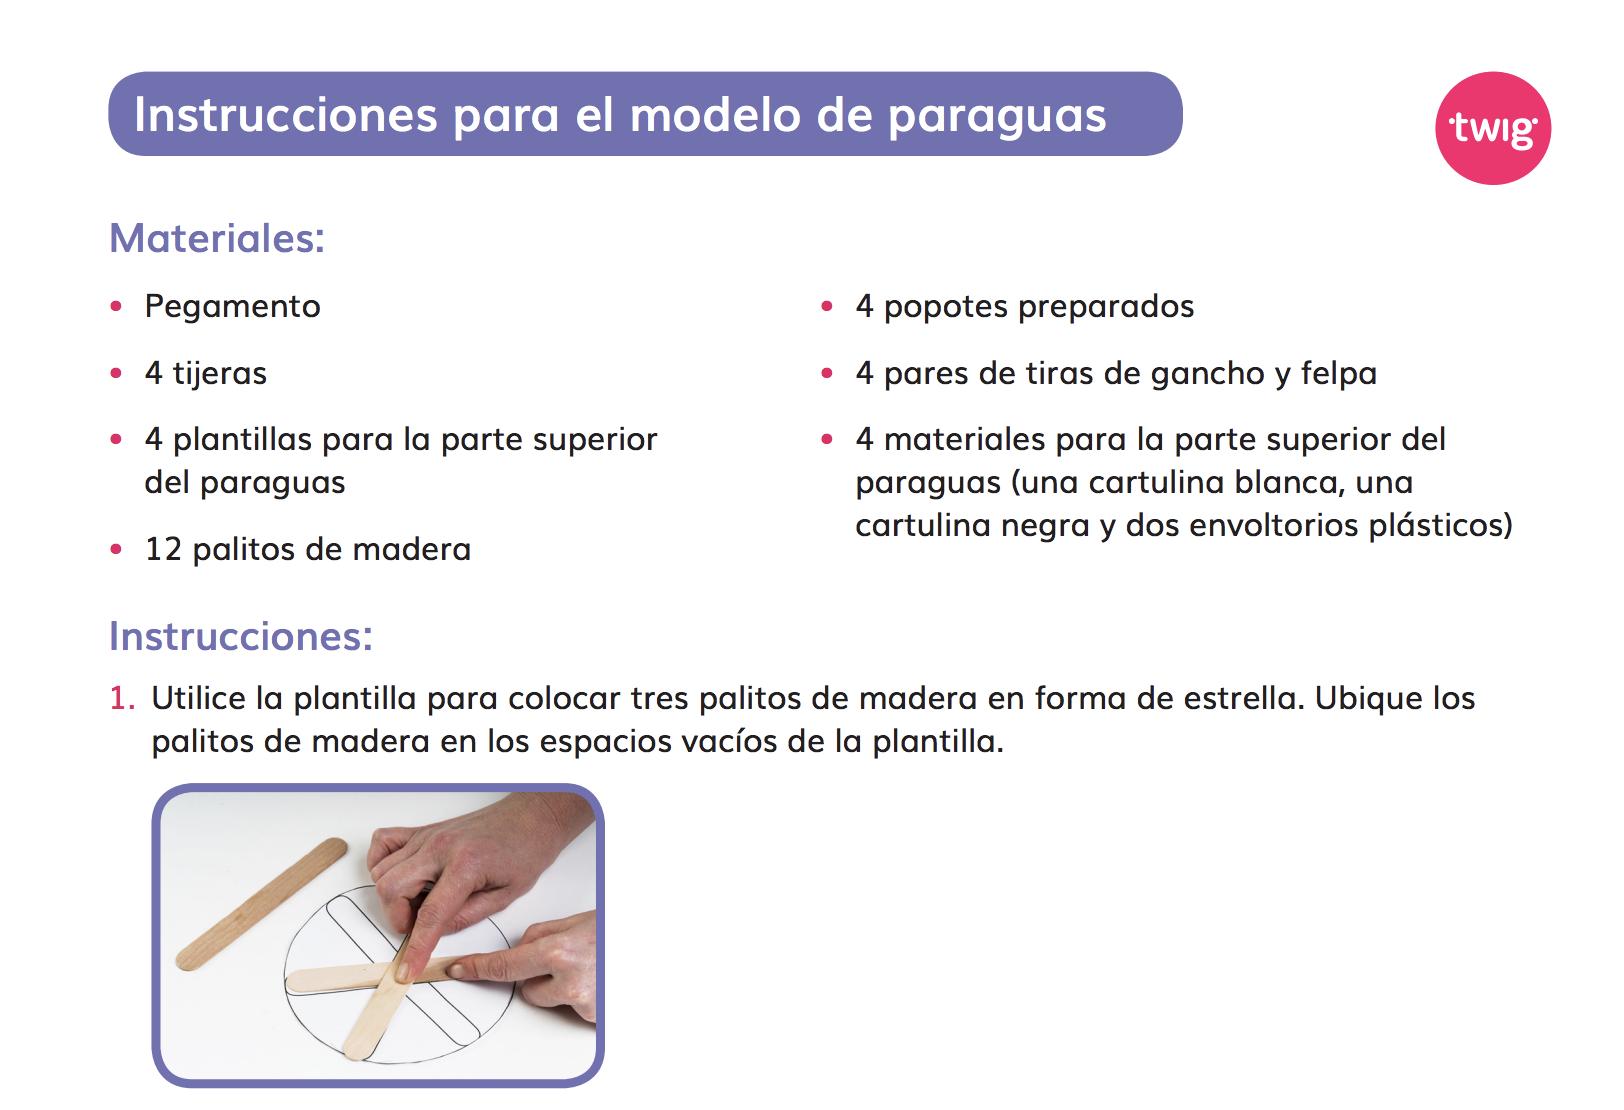 Ficha Instrucciones para el modelo de paraguas